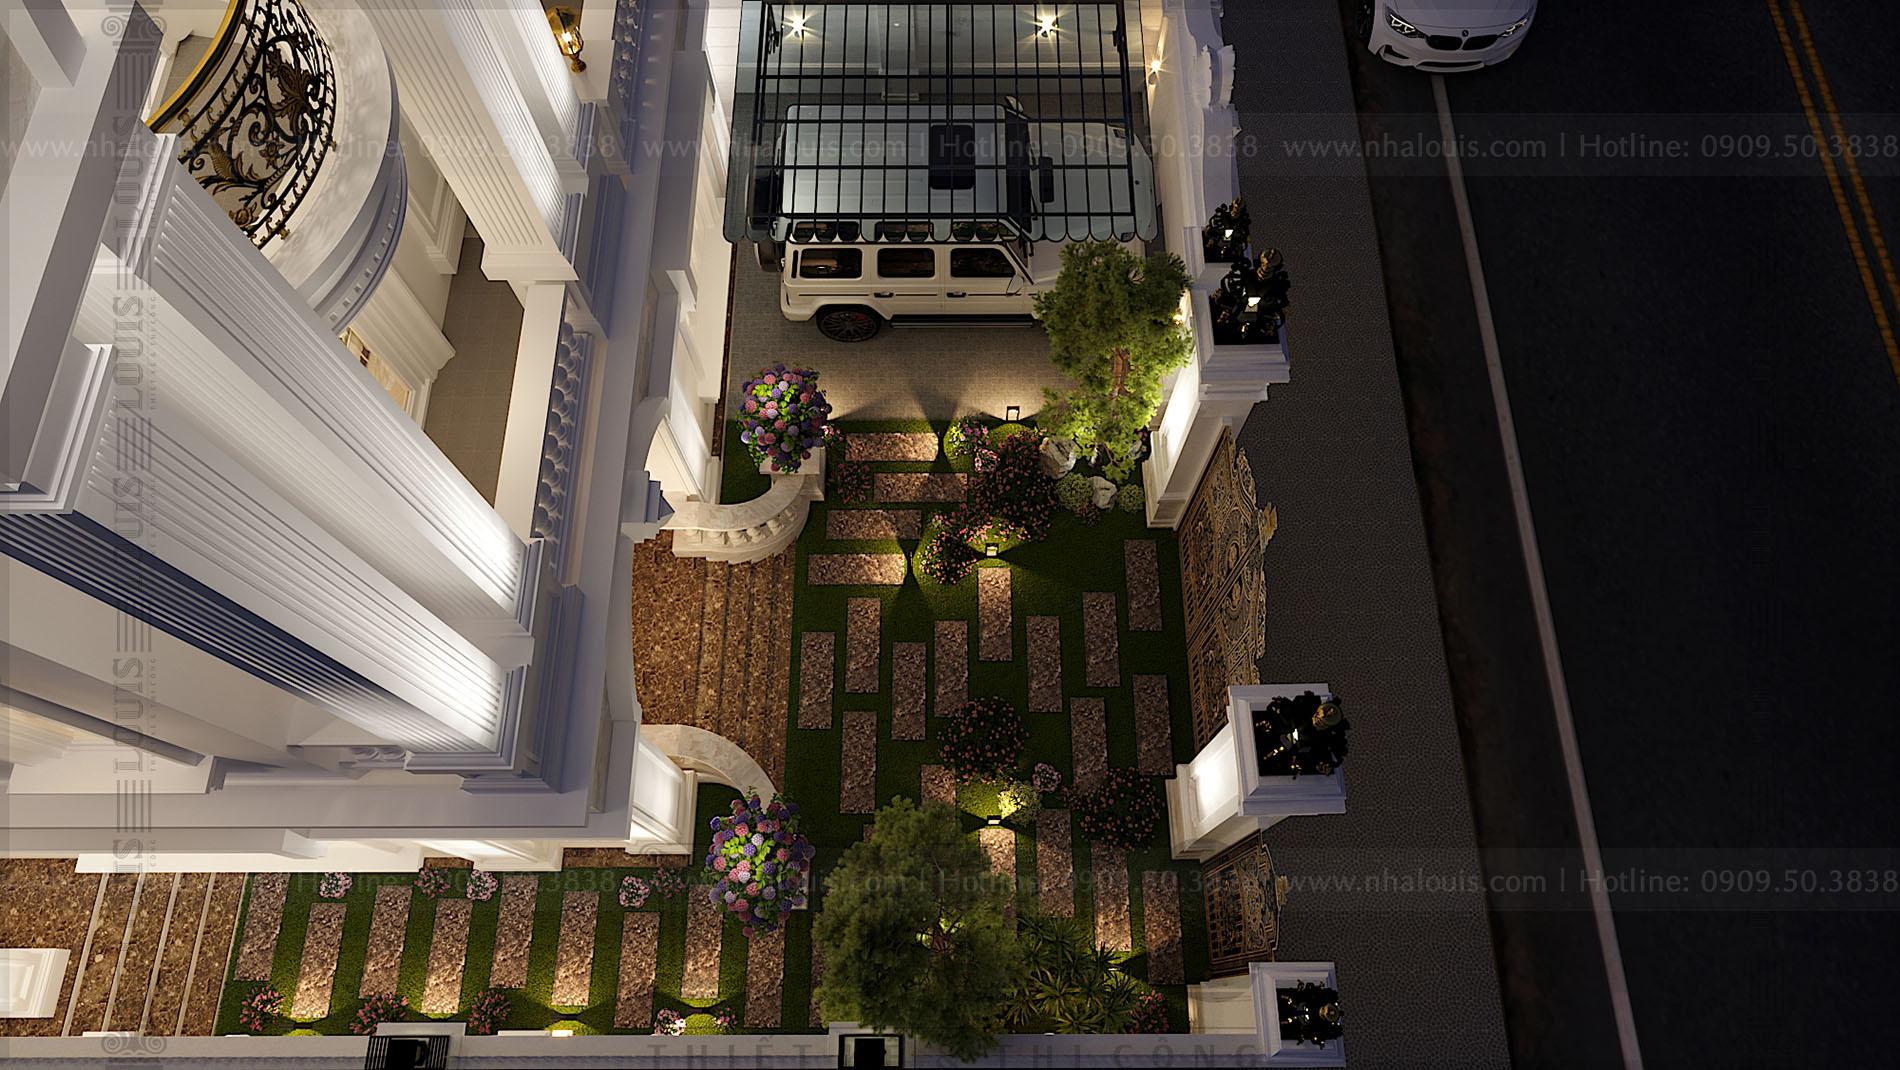 thiết kế nhà biệt thự 3 tầng mái thái tại đà nẵng